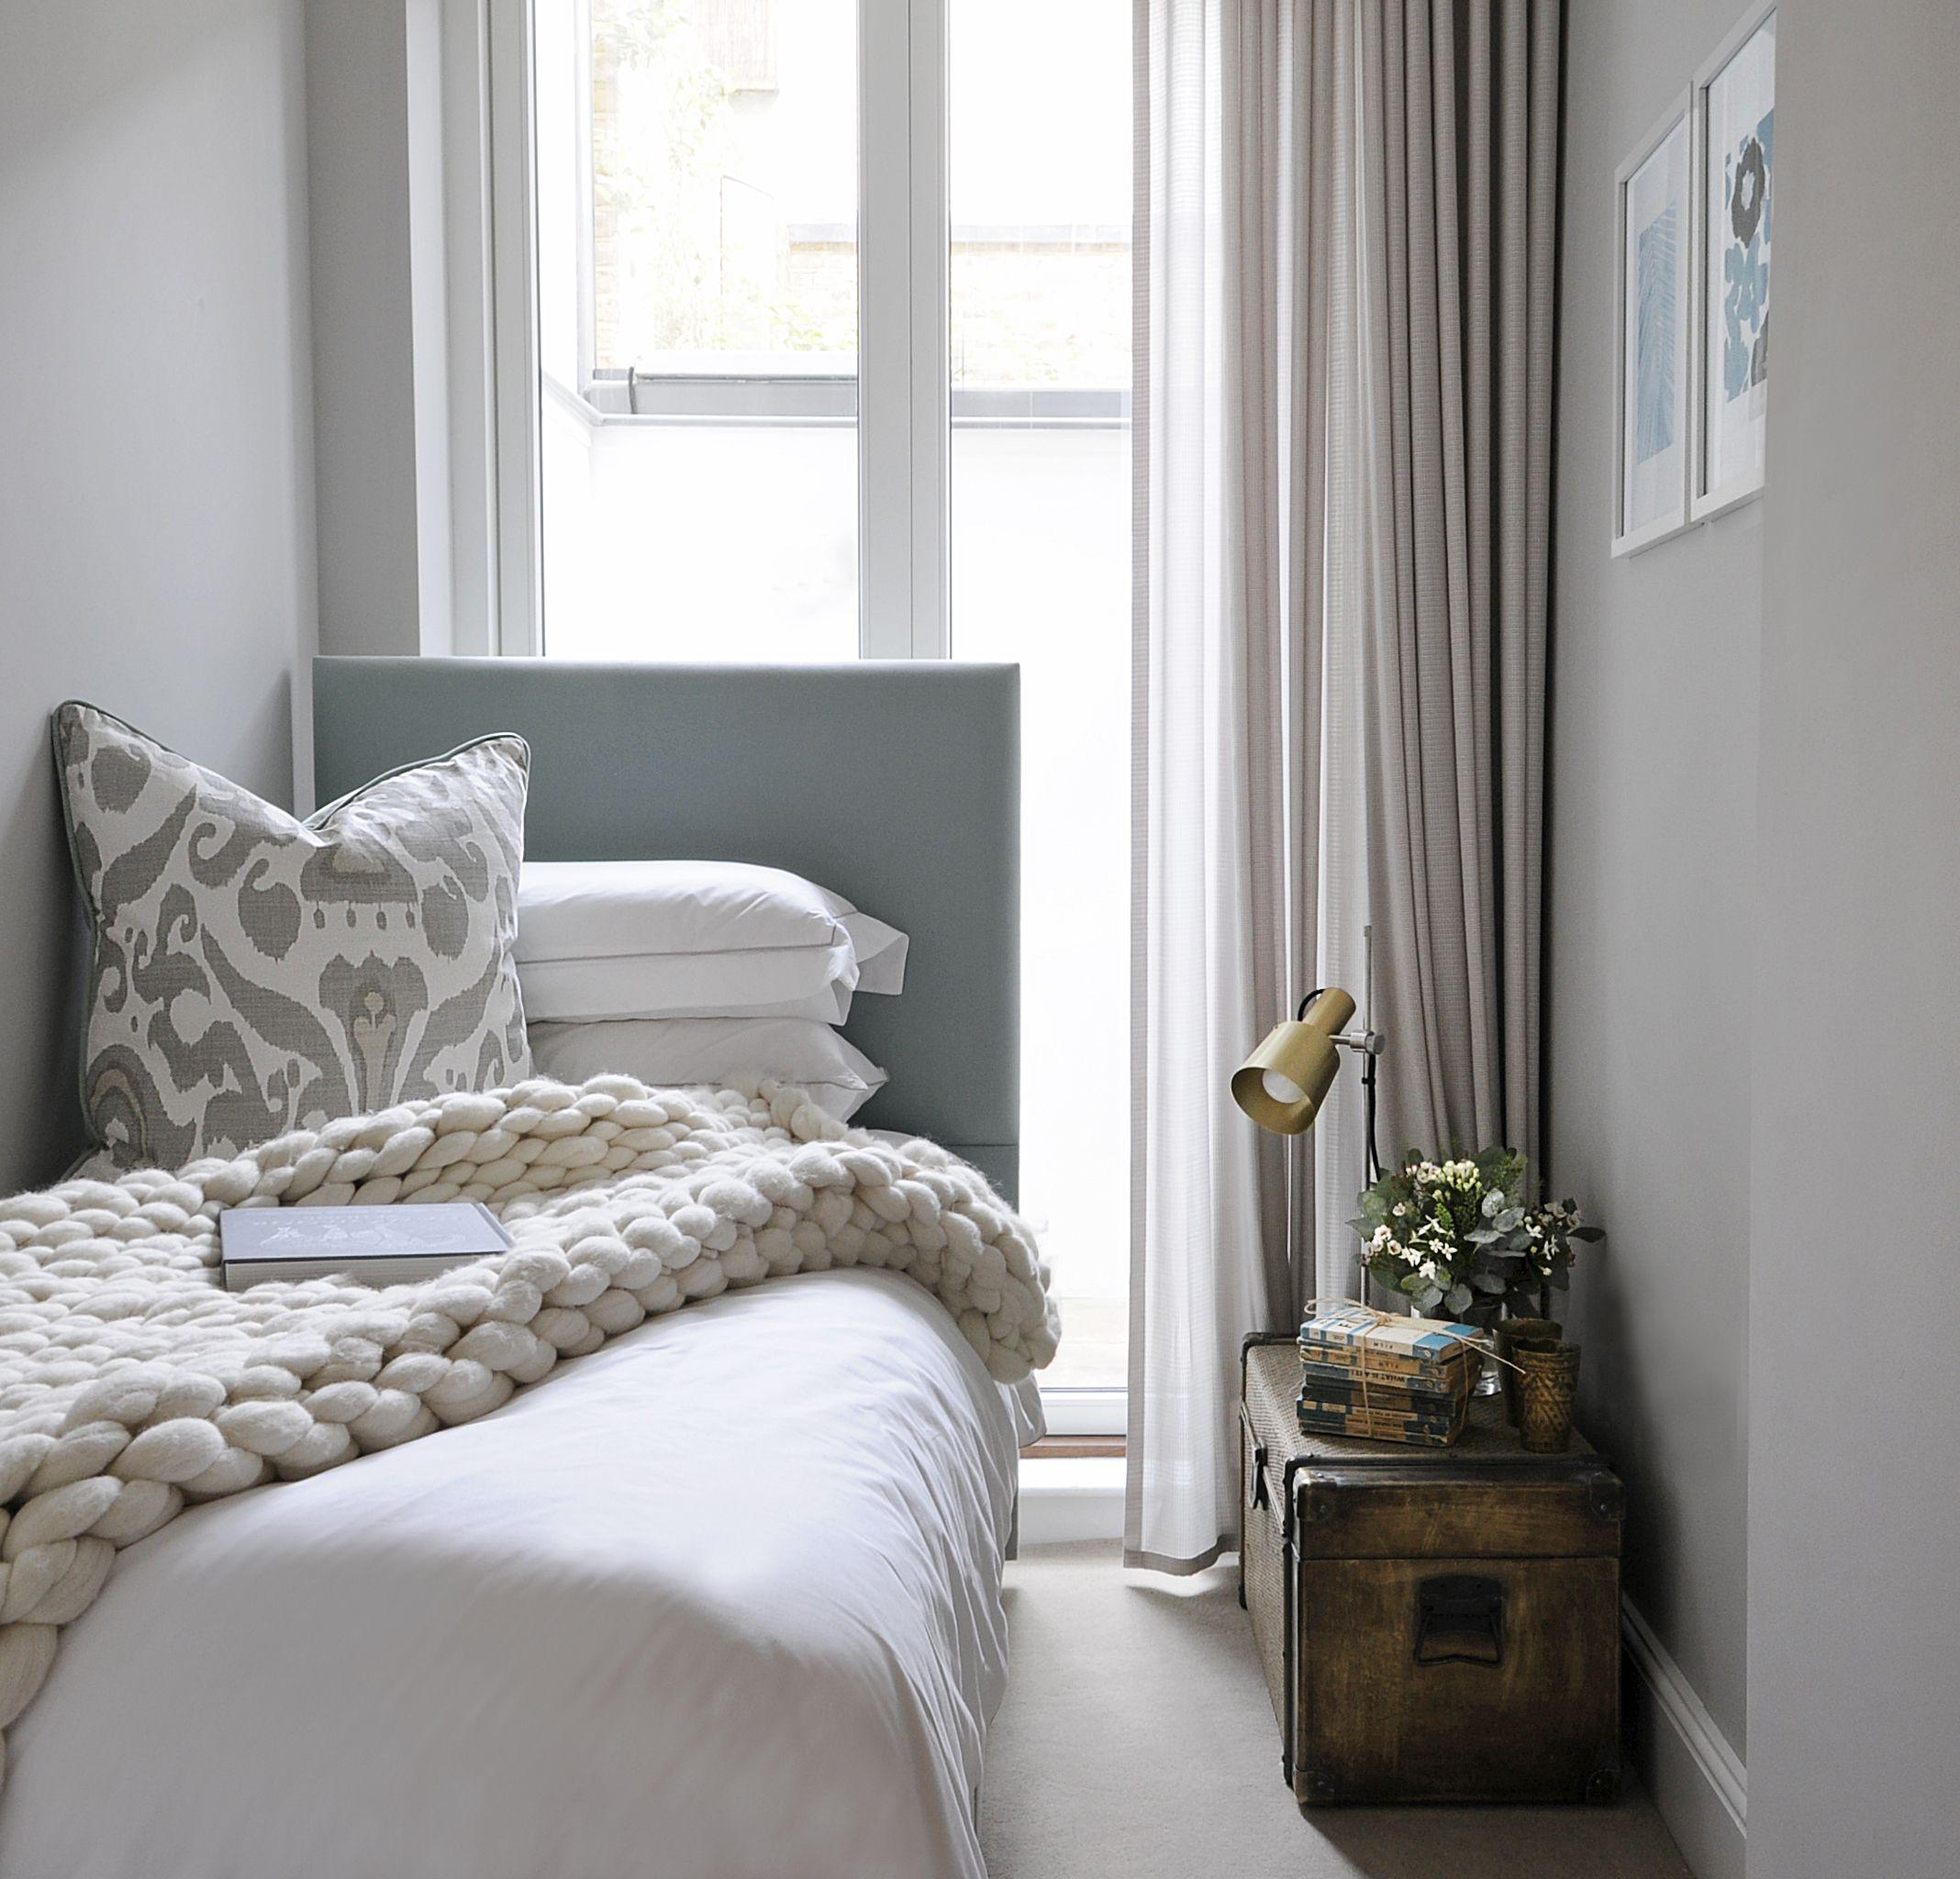 Neues schlafzimmer interieur sleep  th designs  wohnen  pinterest  wohnen